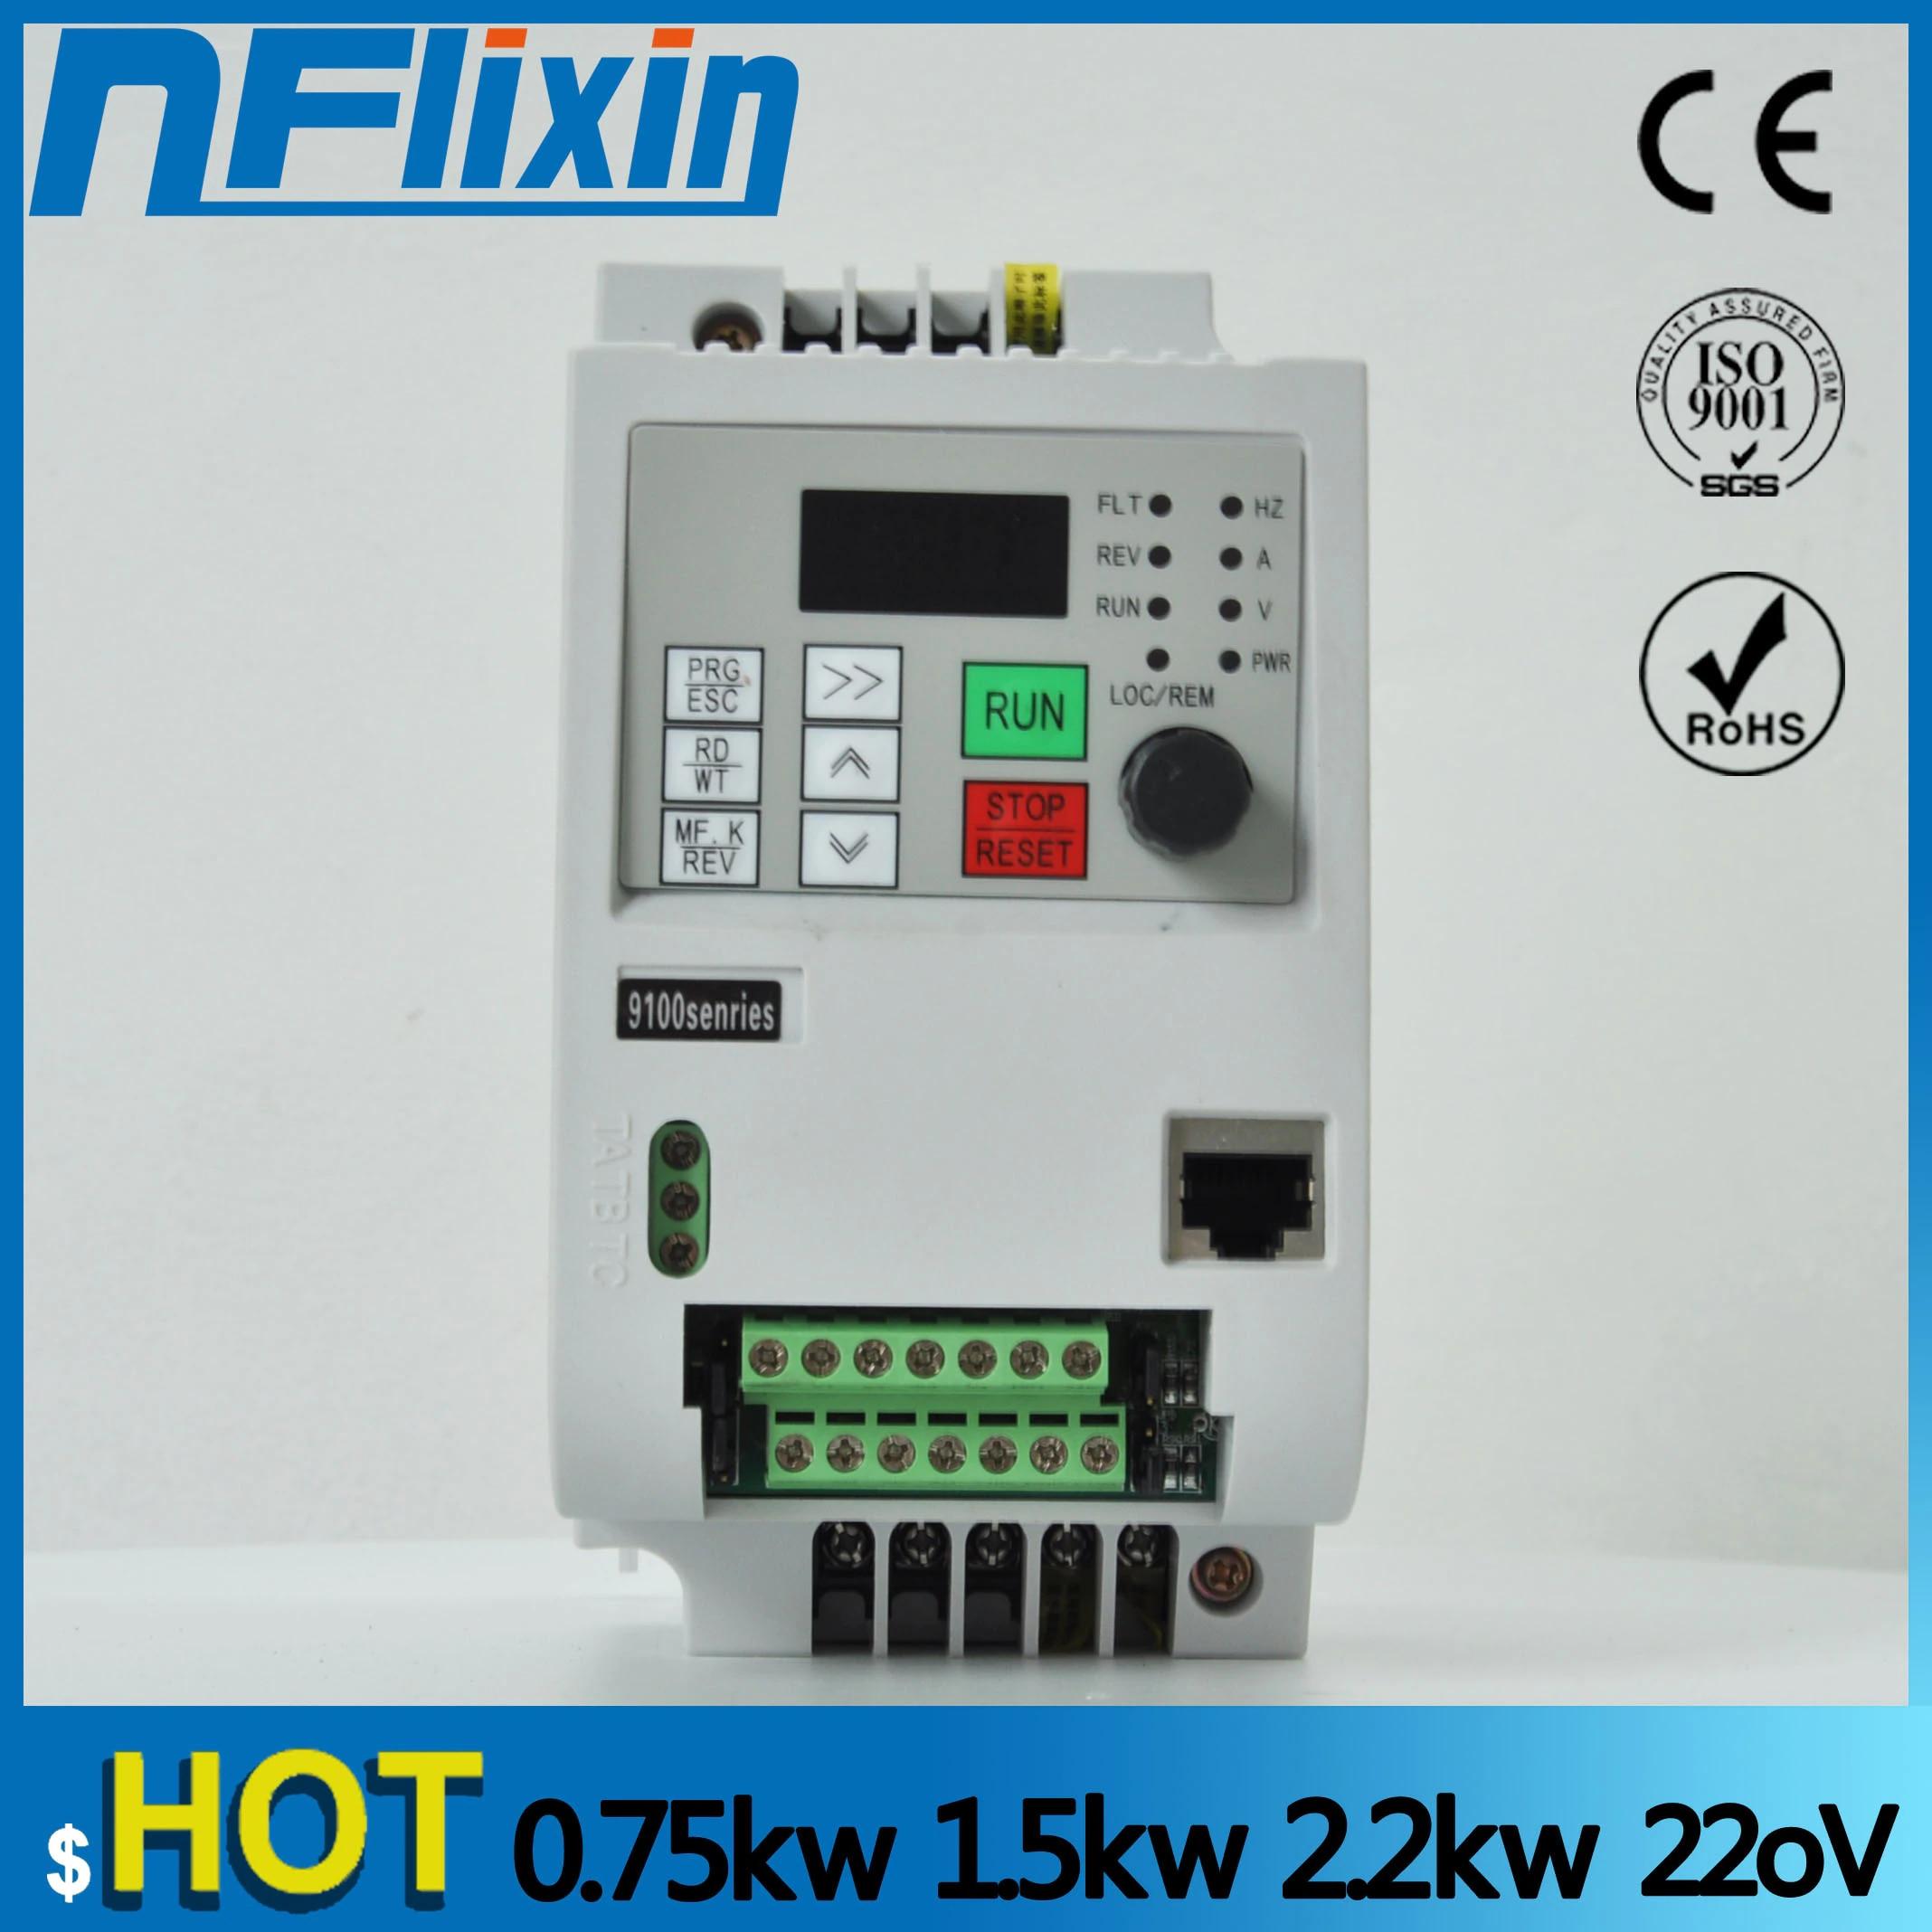 Частота 220 3 фазы мини VFD частотно-регулируемый привод преобразователя для мотора Скорость Управление преобразователь частоты